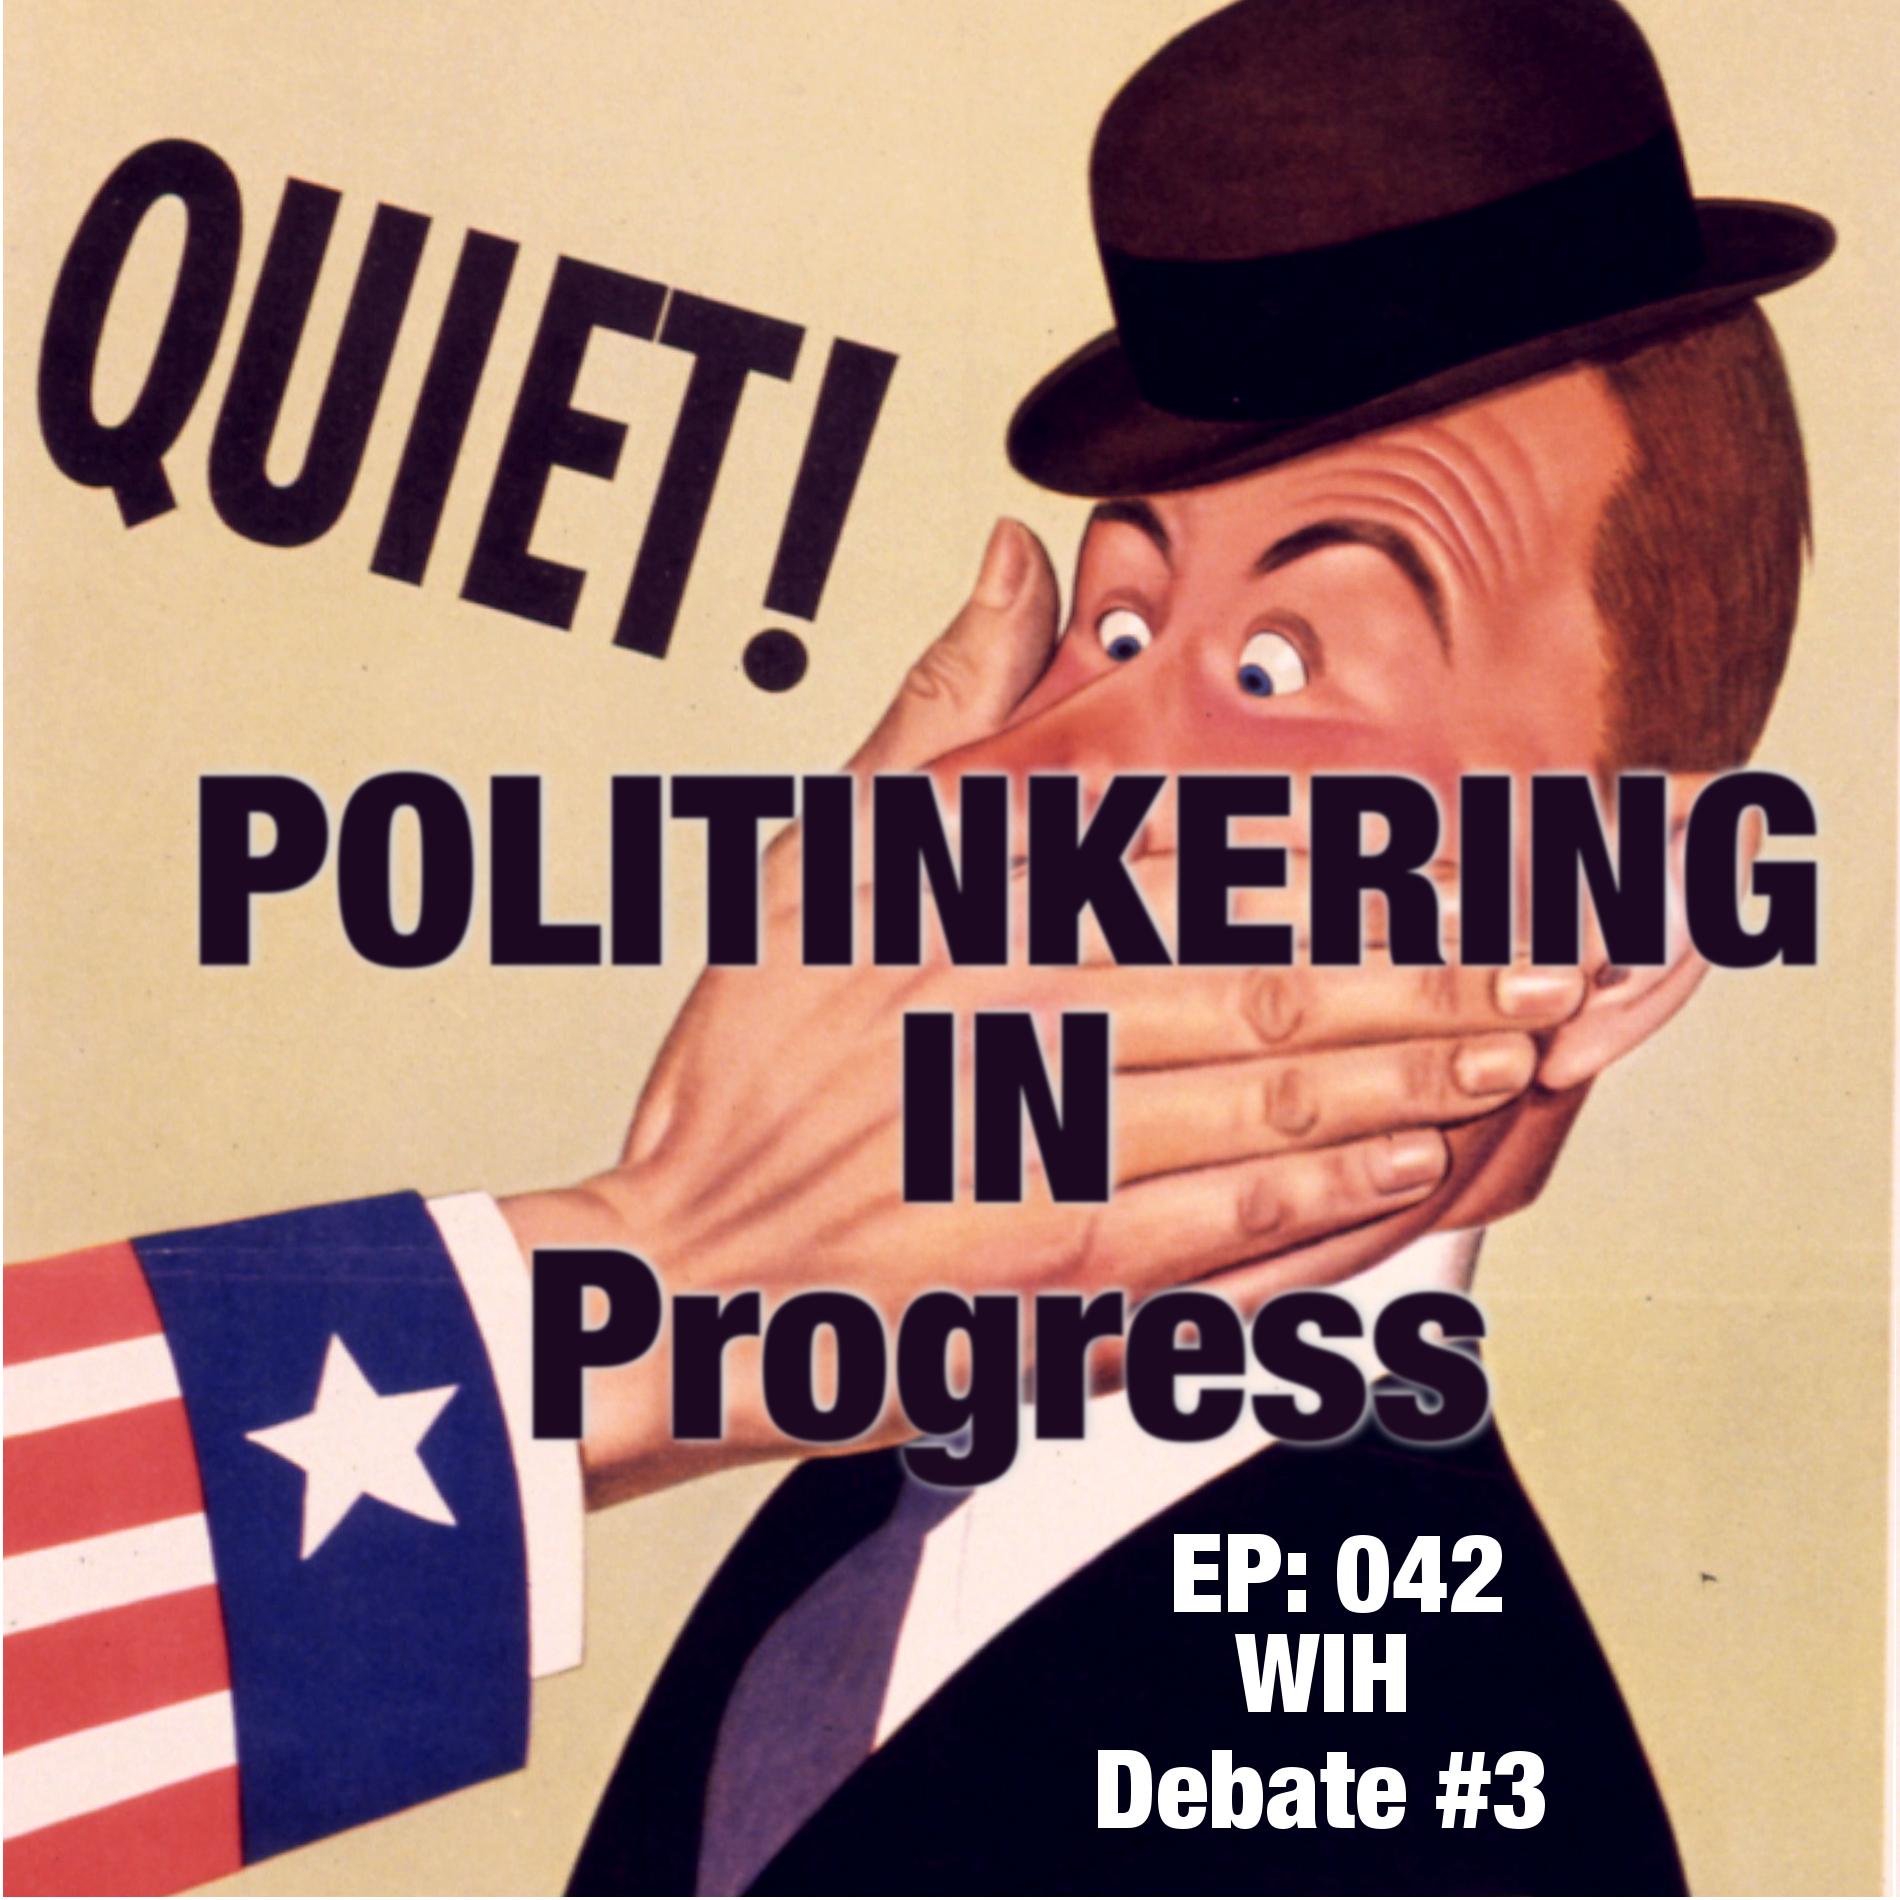 Politinkering - 042 WIH Debate #3.jpg